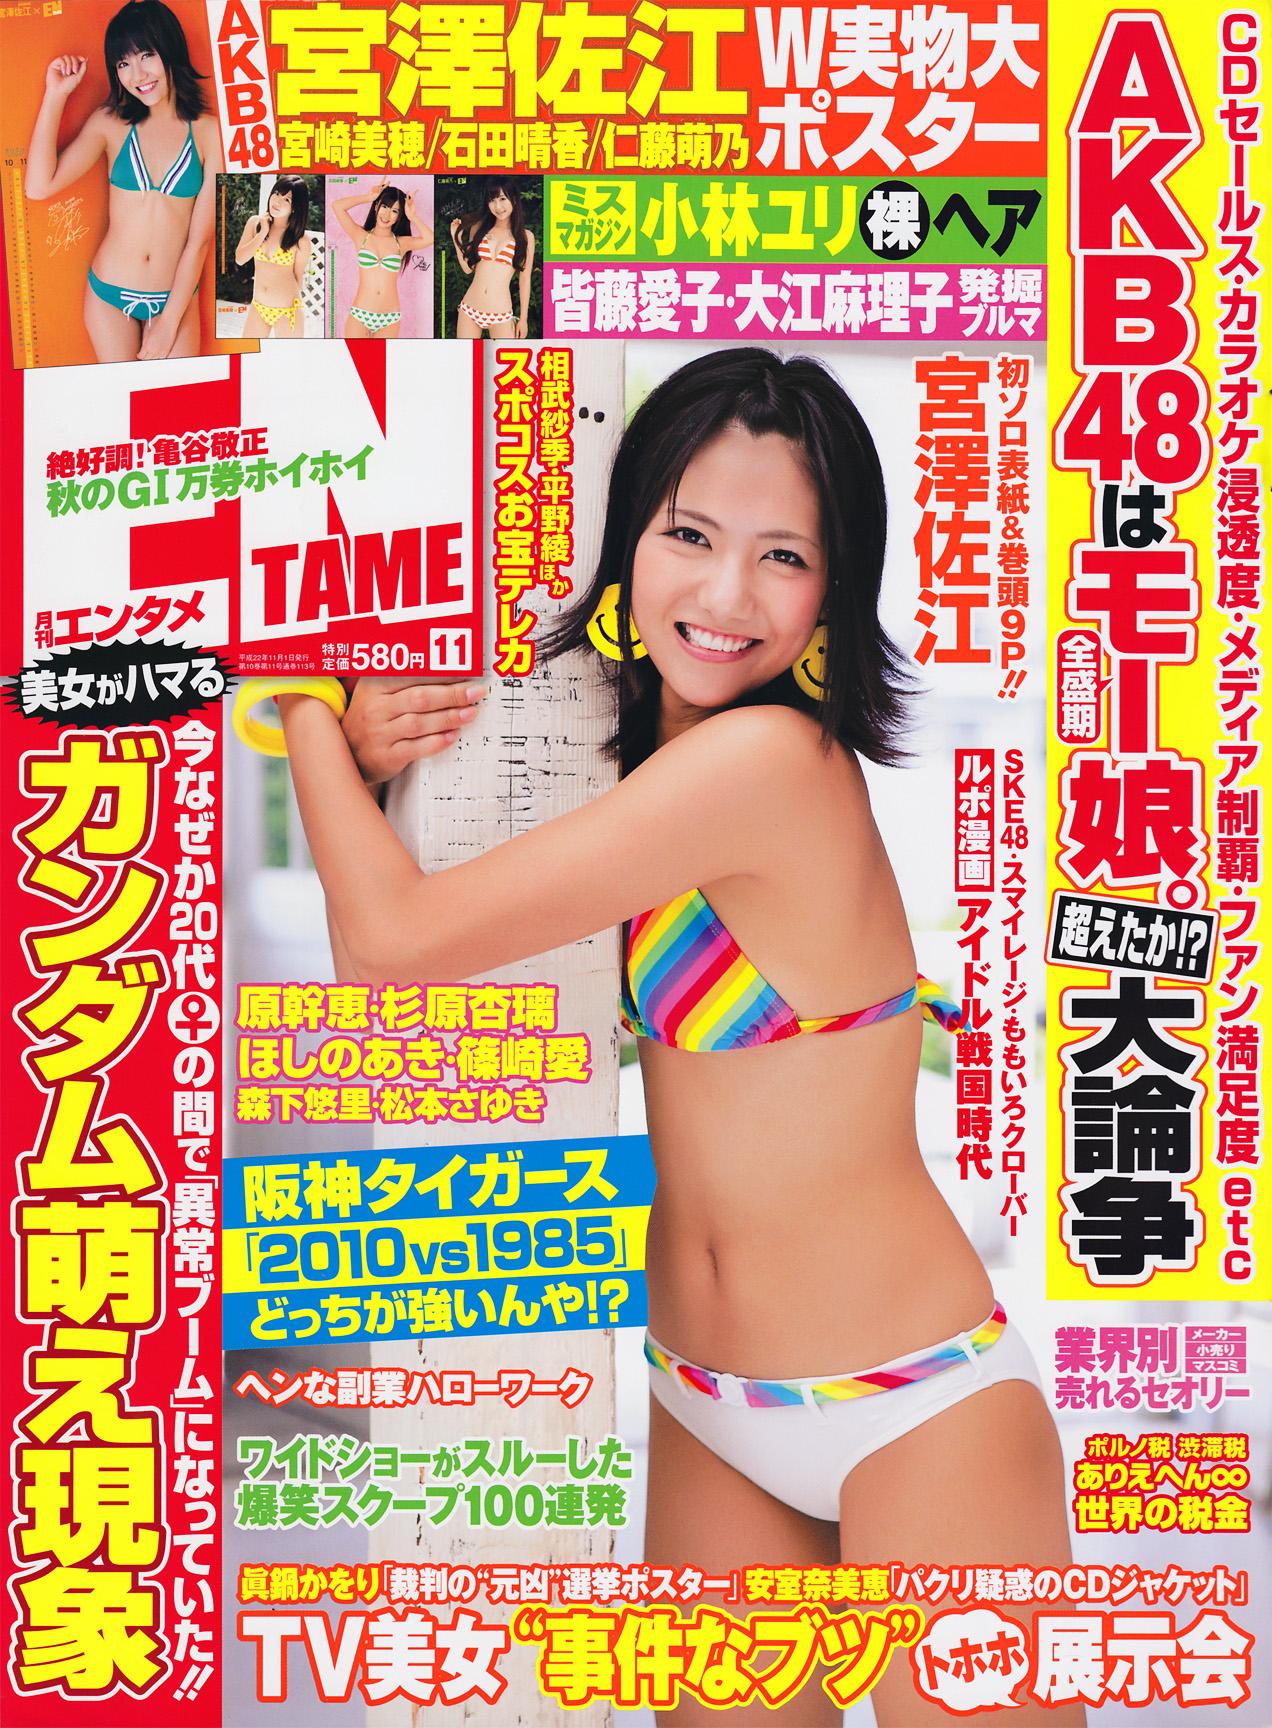 [EN TAME] 2010.11 Sae Miyazawa 宮澤佐江 [42P31MB] 06100